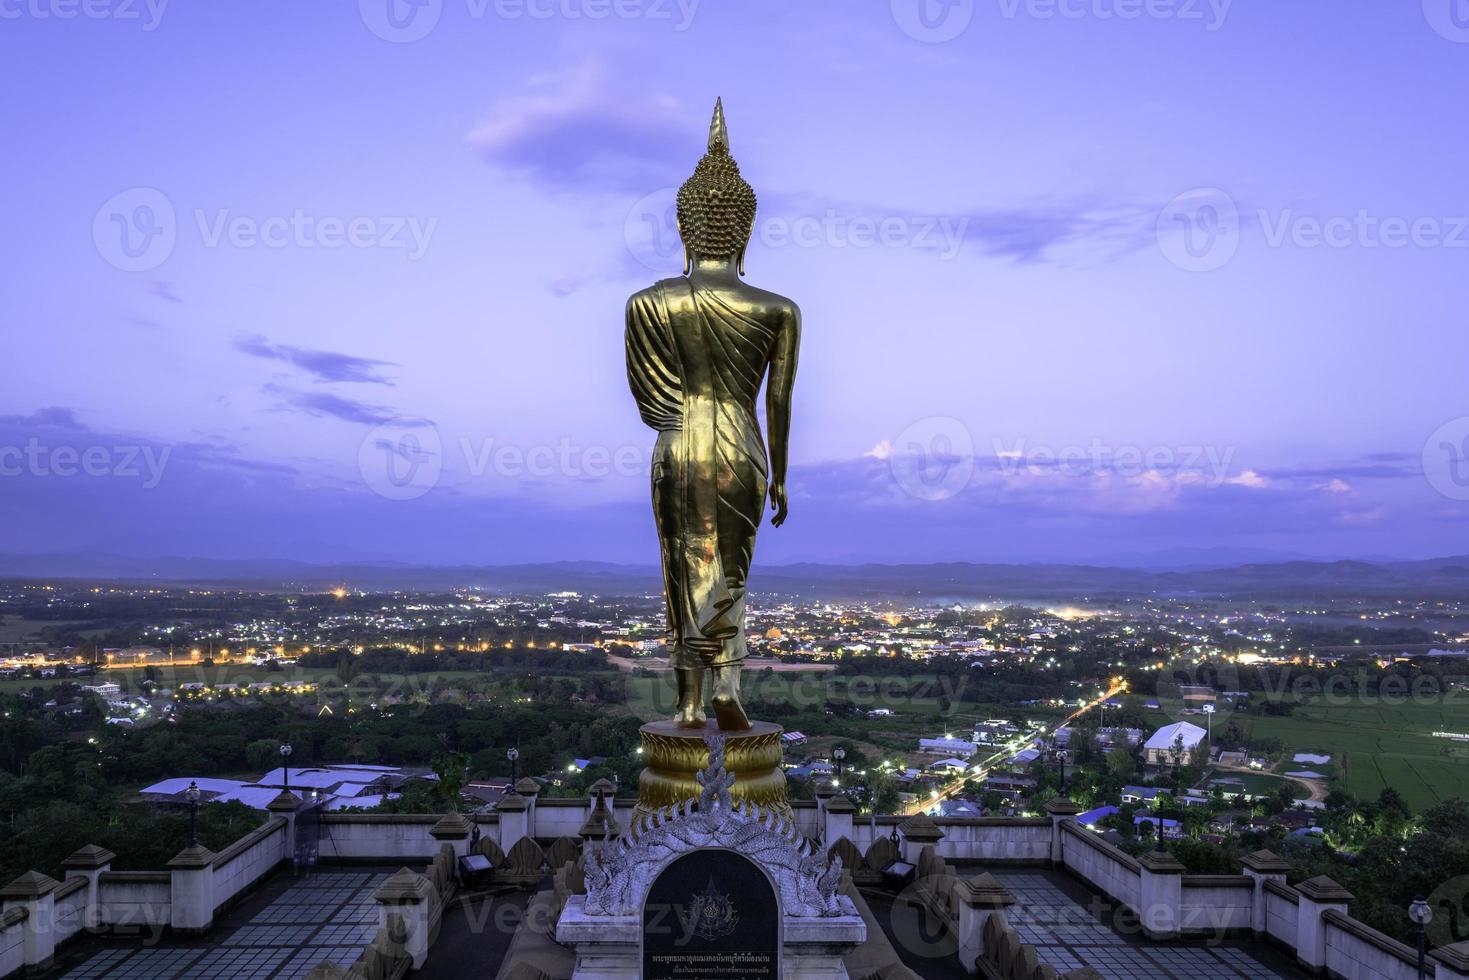 statua dorata del buddha nel tempio di Khao noi, provincia di Nan, Tailandia foto